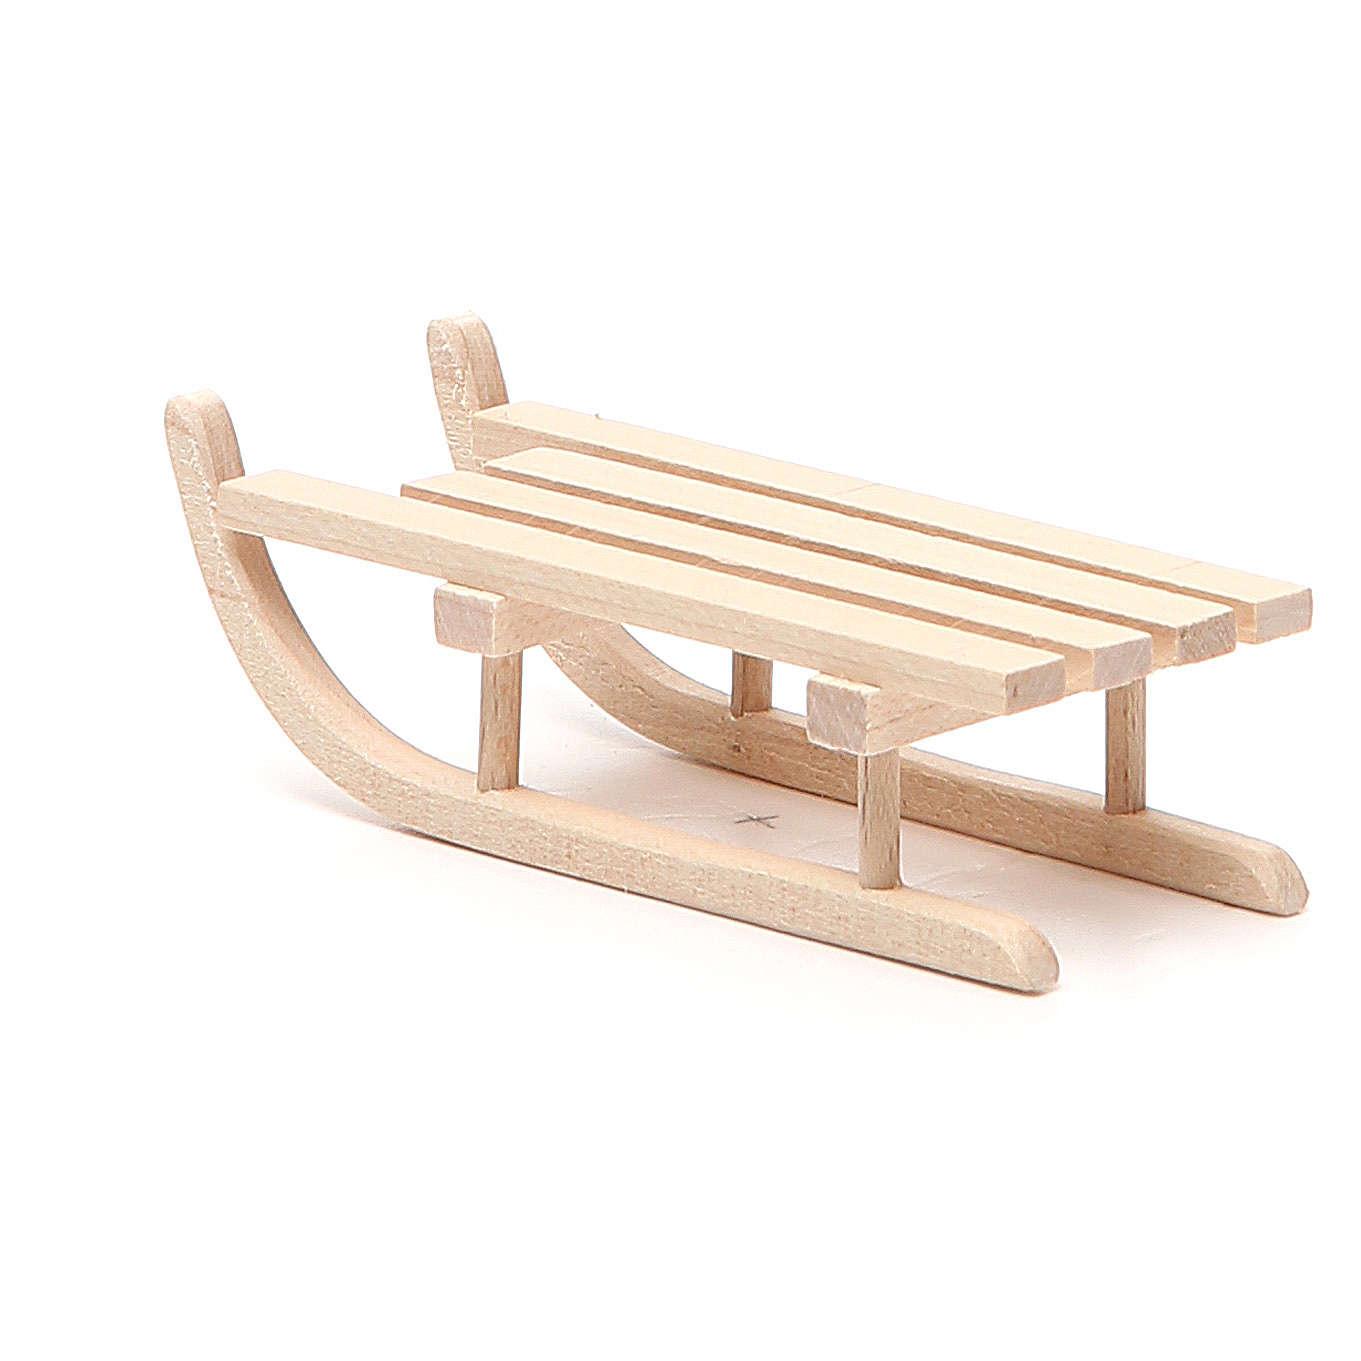 Sanki z drewna do szopki 2,5x3,5x9 cm 4